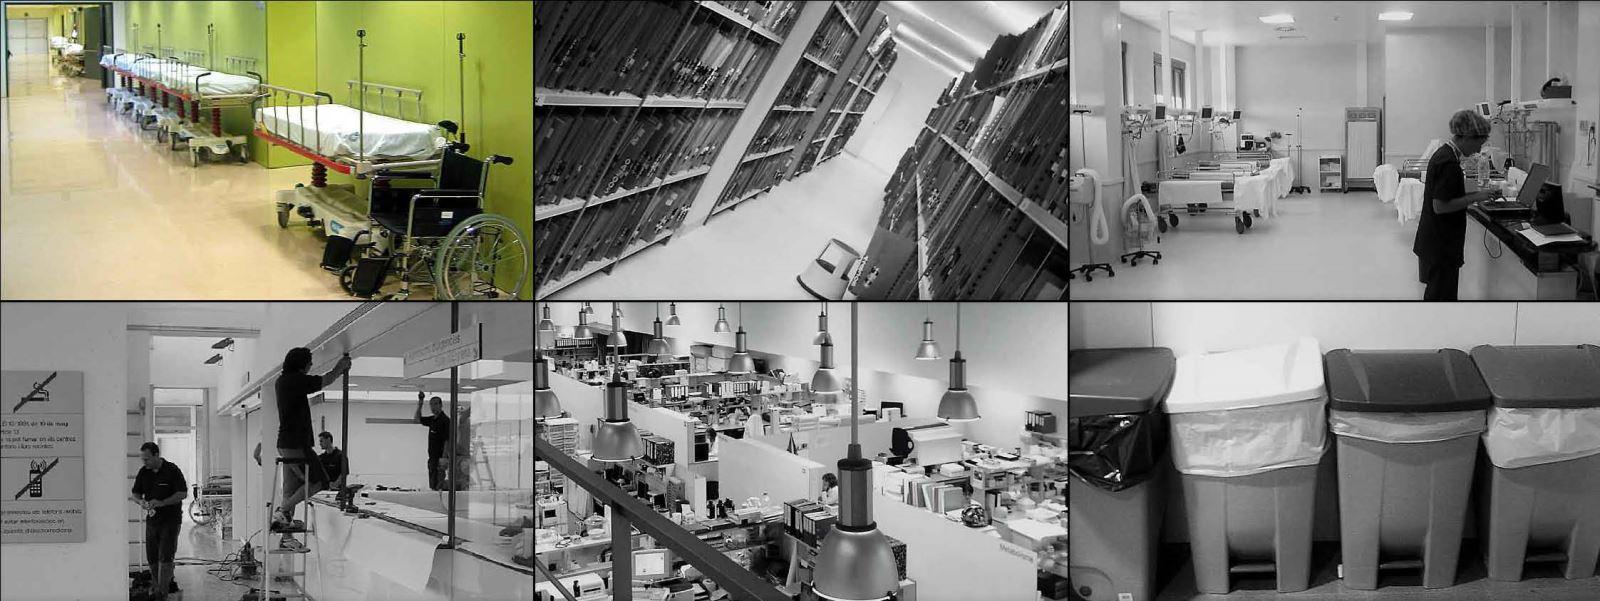 Dissenyem i desenvolupem plans d'equipament hospitalari per a l'ampliació, trasllat i construcció de centres de salut, hospitals, laboratoris clínics i centres de recerca biomèdica